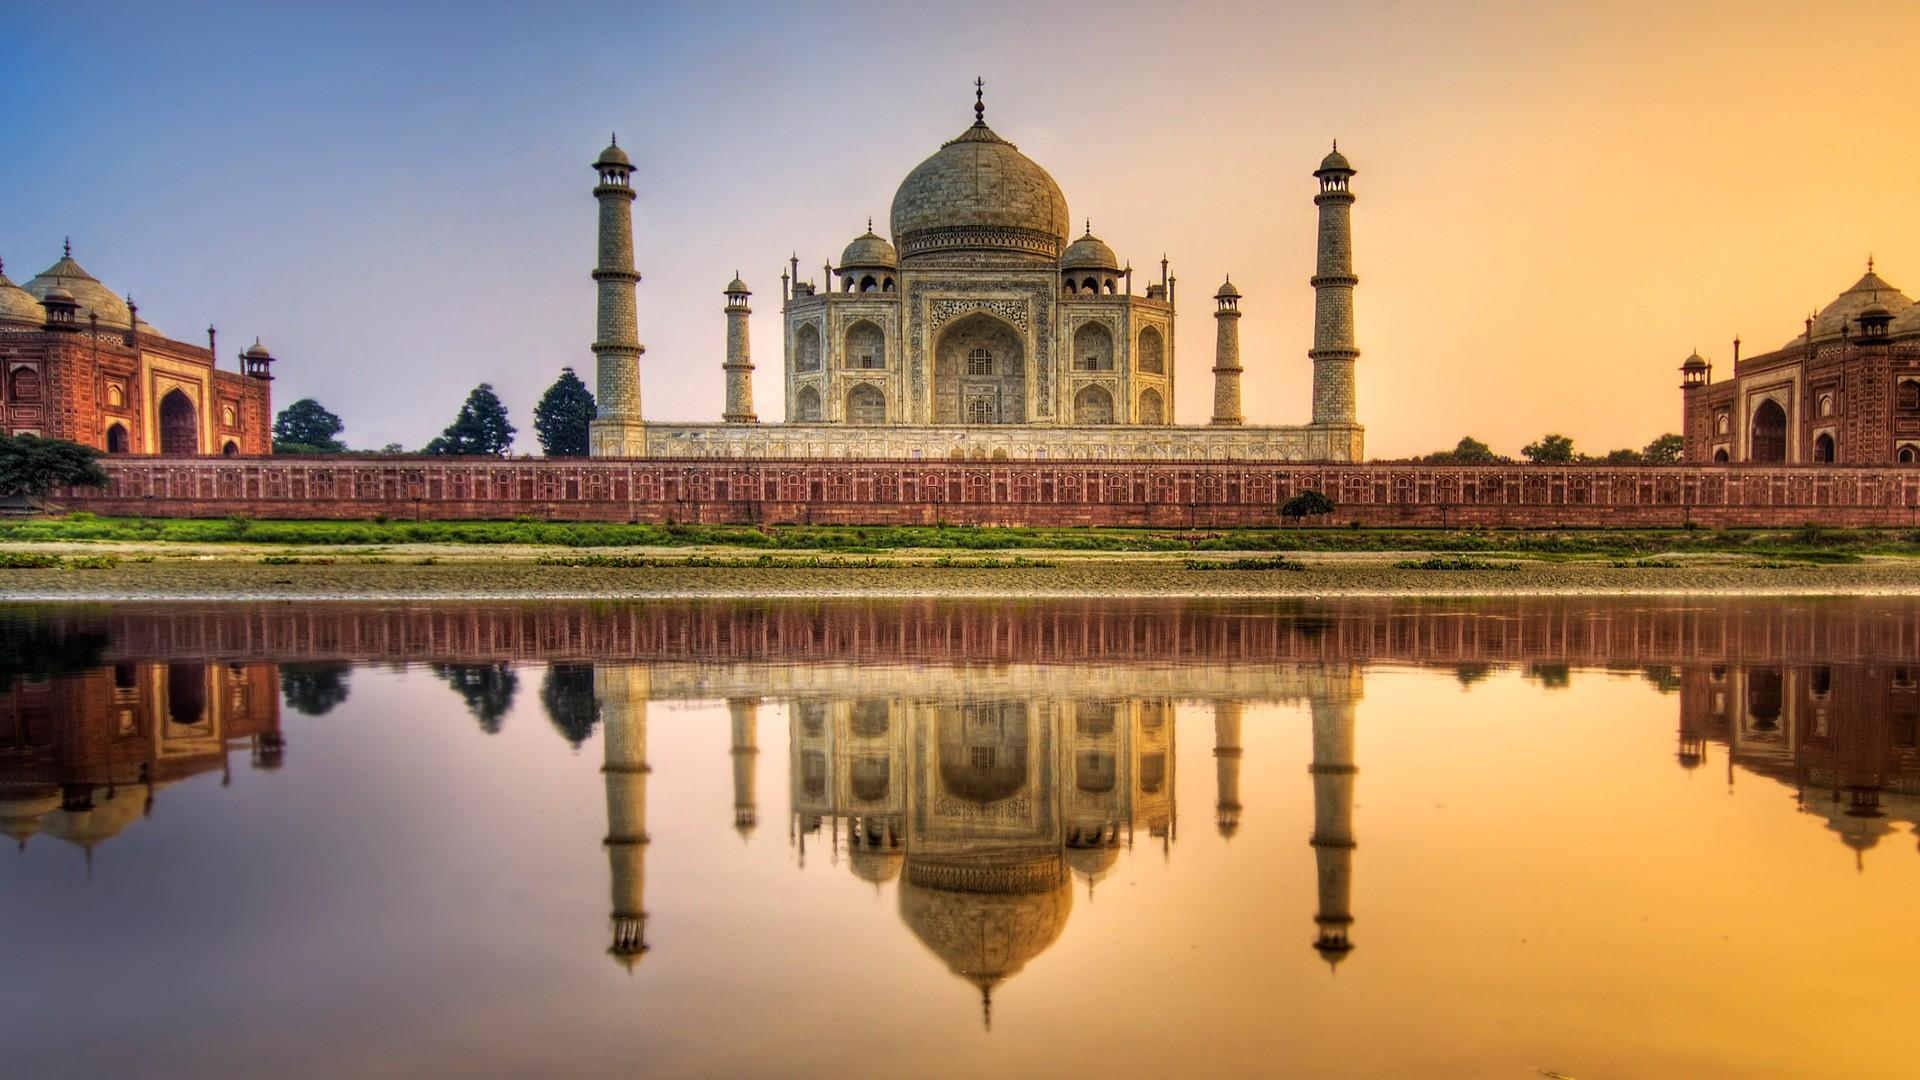 Indian land ke photo